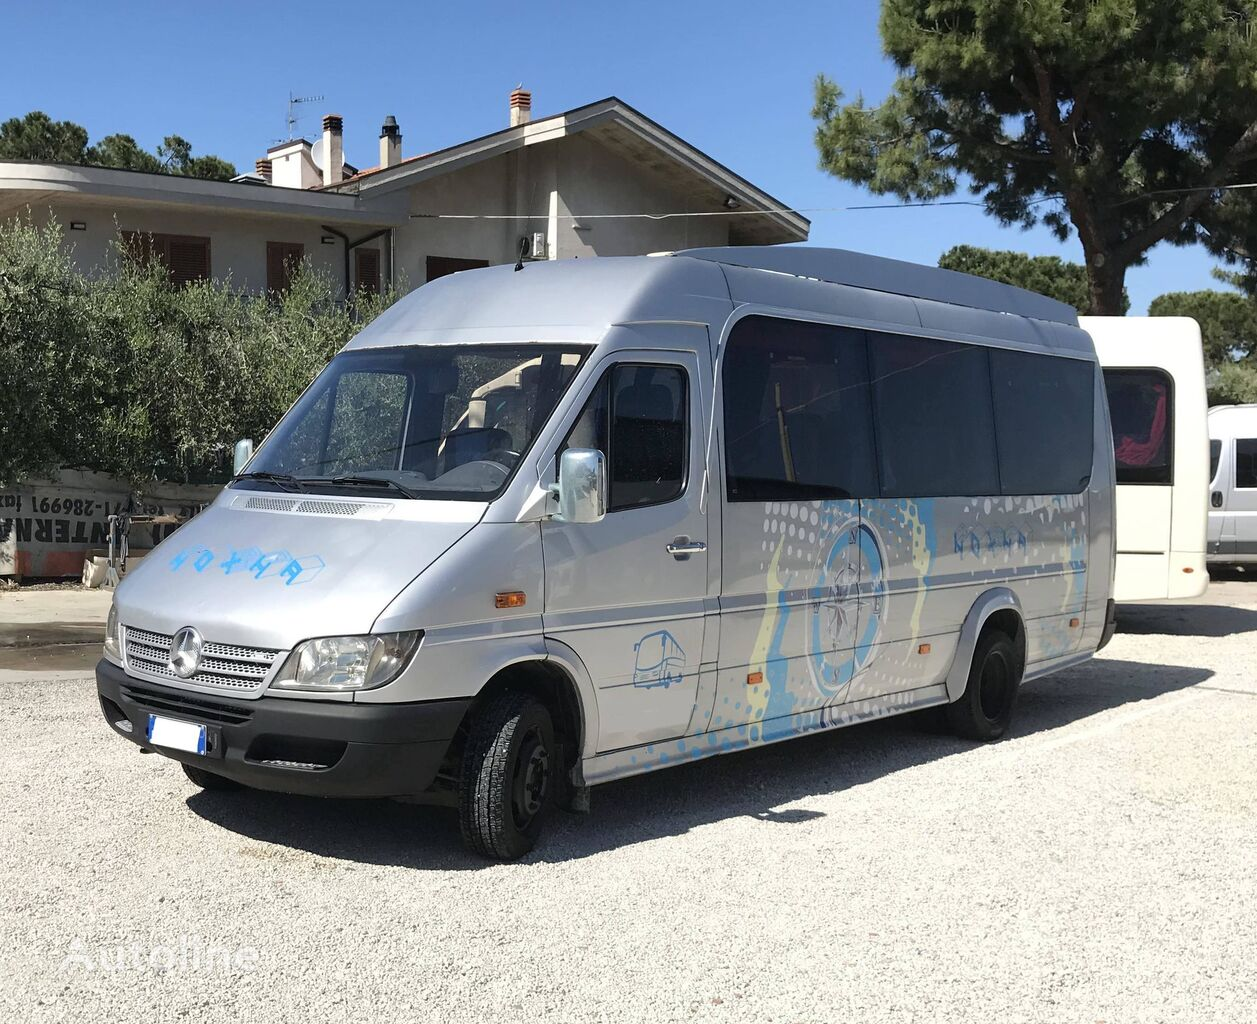 MERCEDES-BENZ Sprinter 416CDI interurban bus